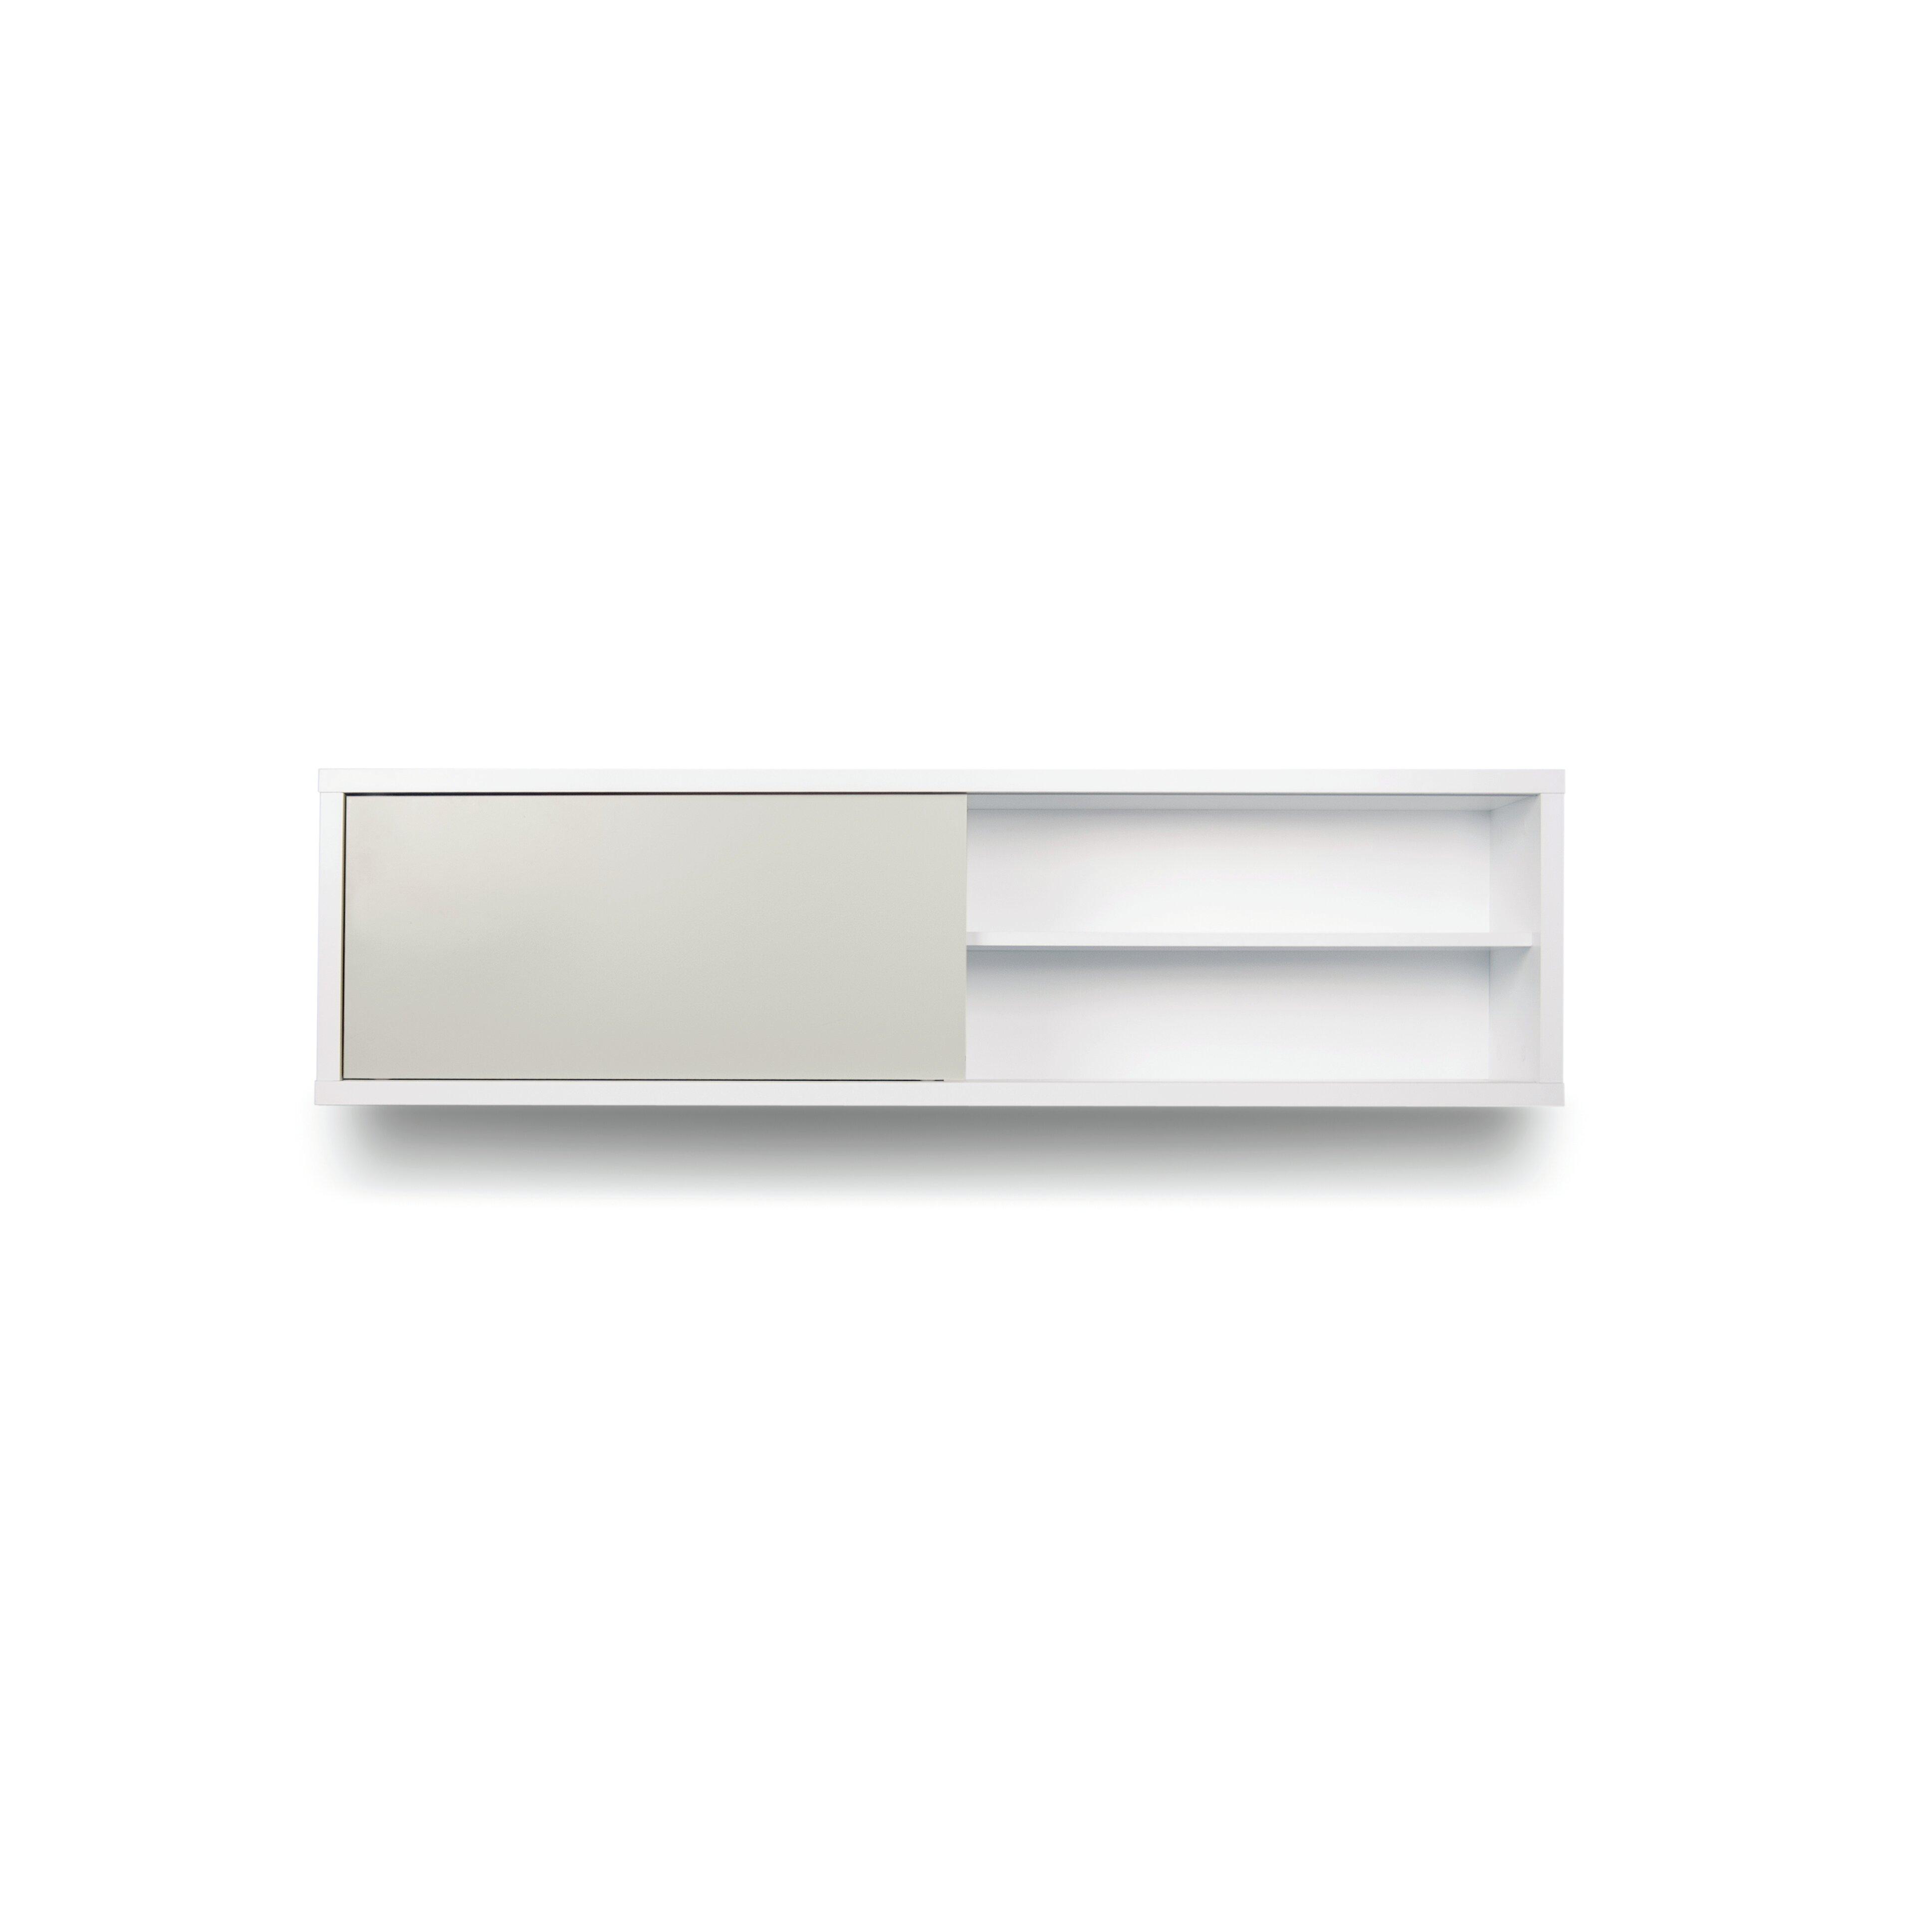 Home etc reeva module accent shelf reviews wayfair uk - Etagere porte coulissante ...